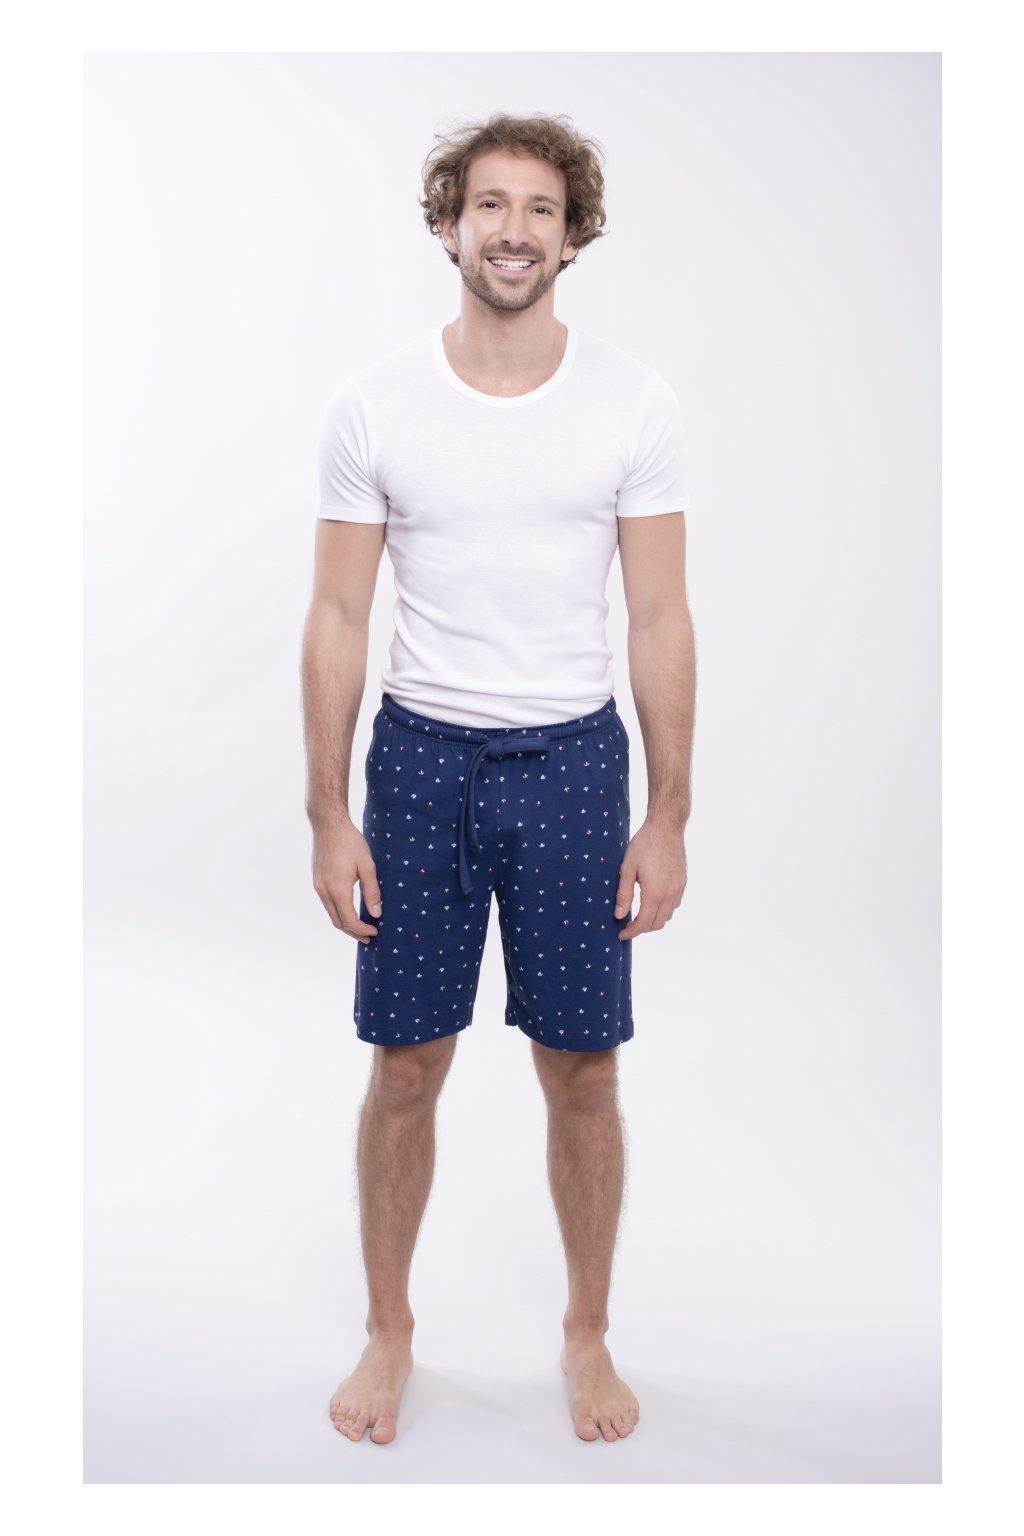 Pánské pyžamové kalhoty s krátkými nohavicemi, 204123 28, modrá